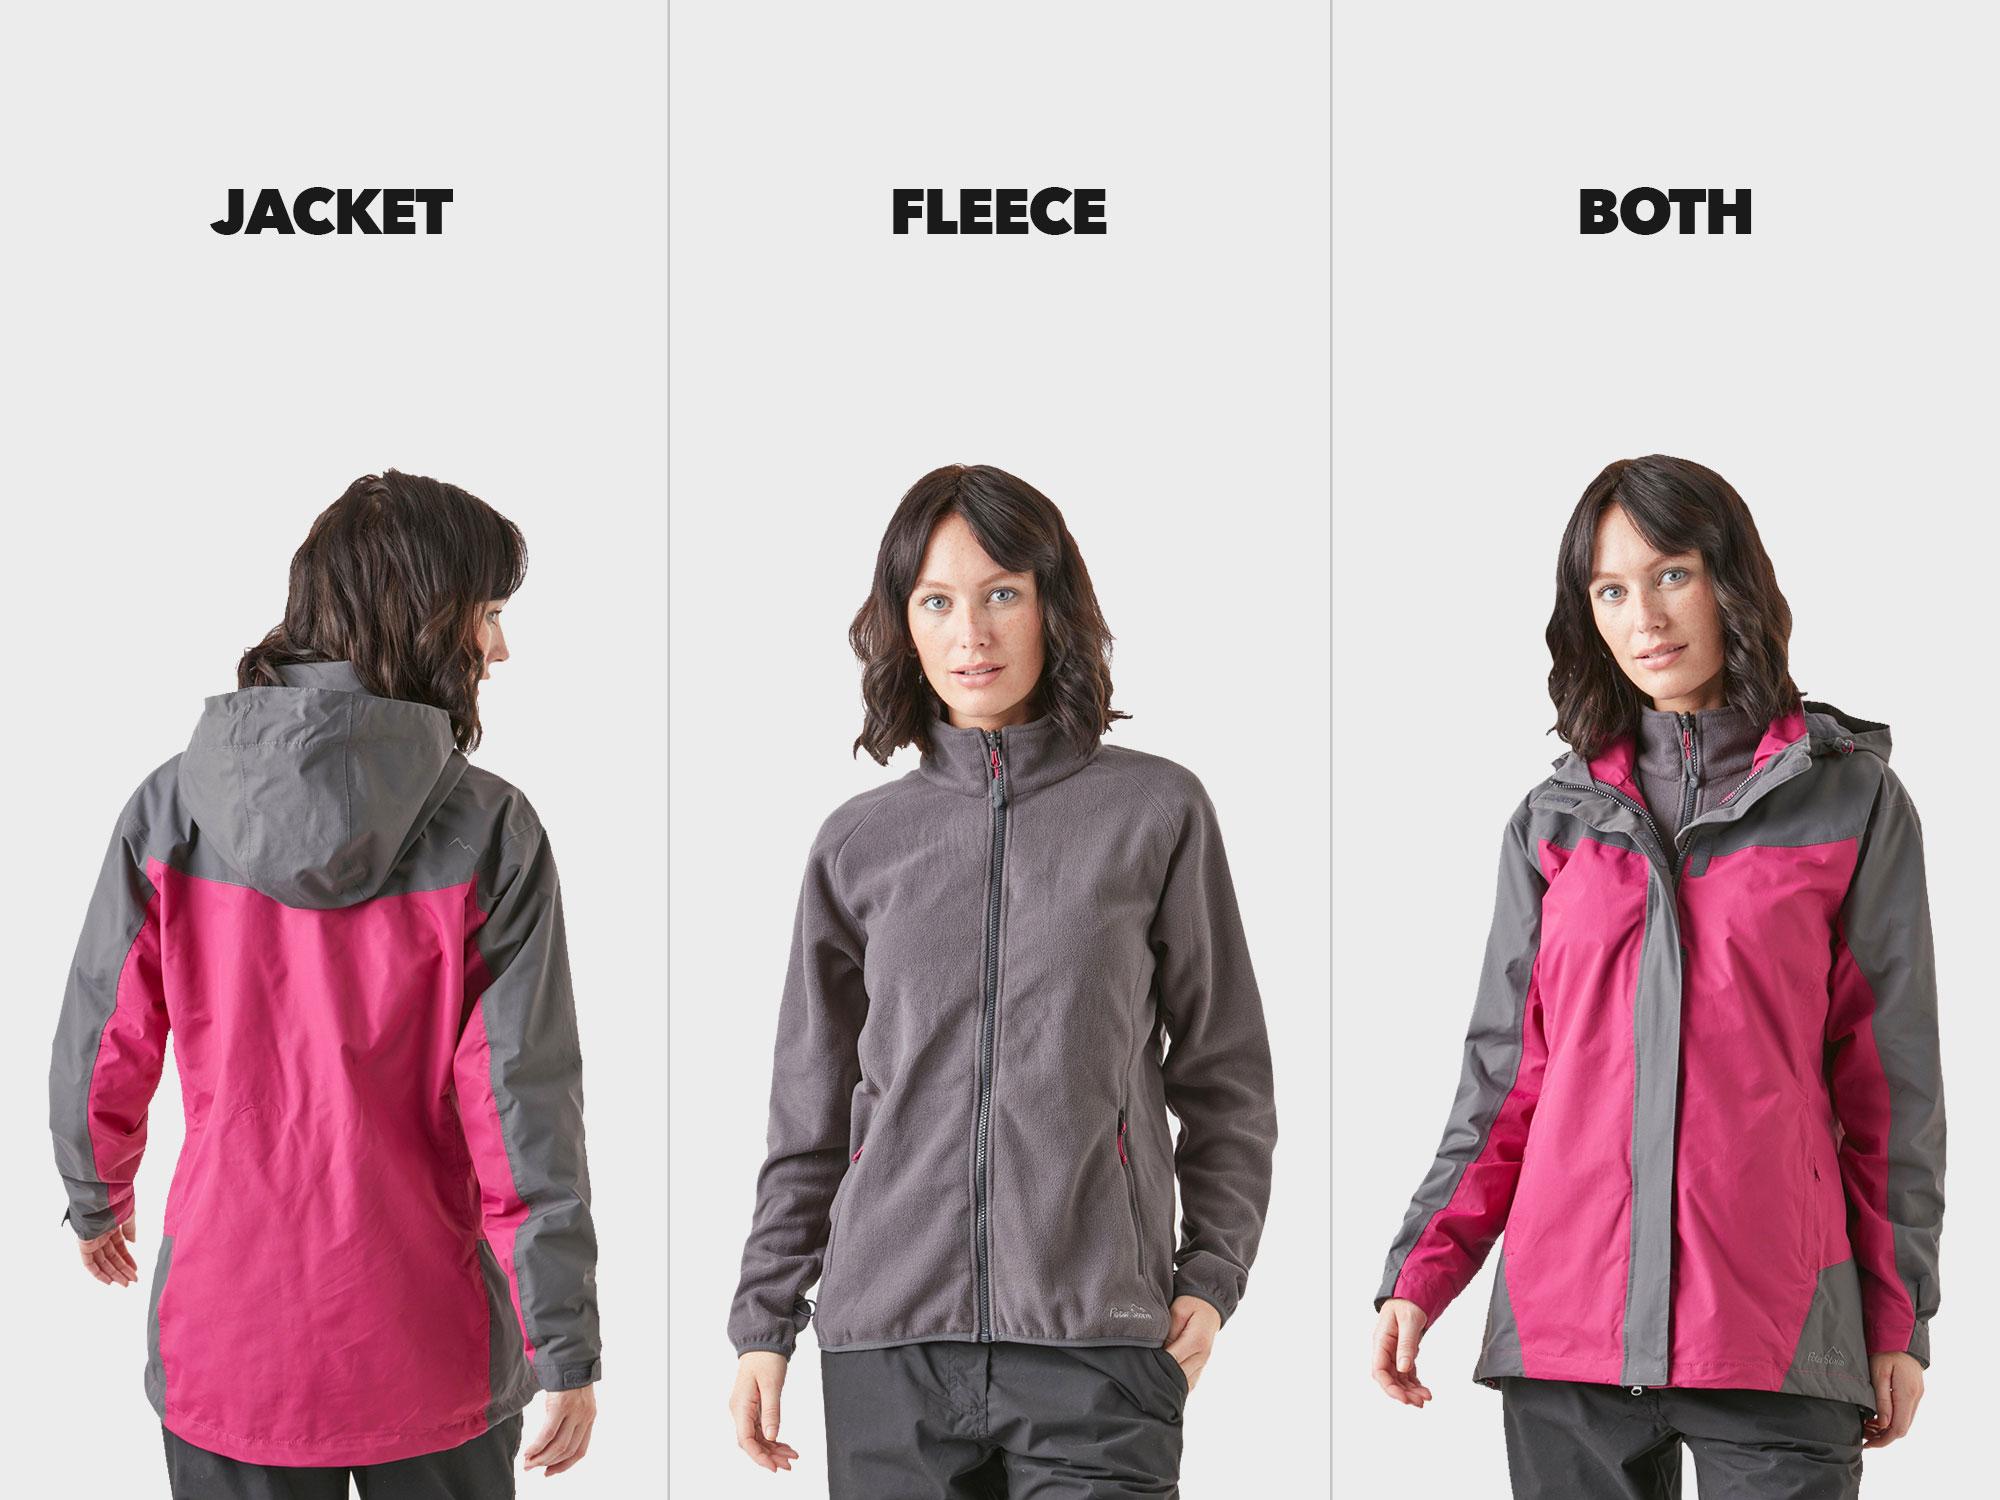 3 Wearing styles